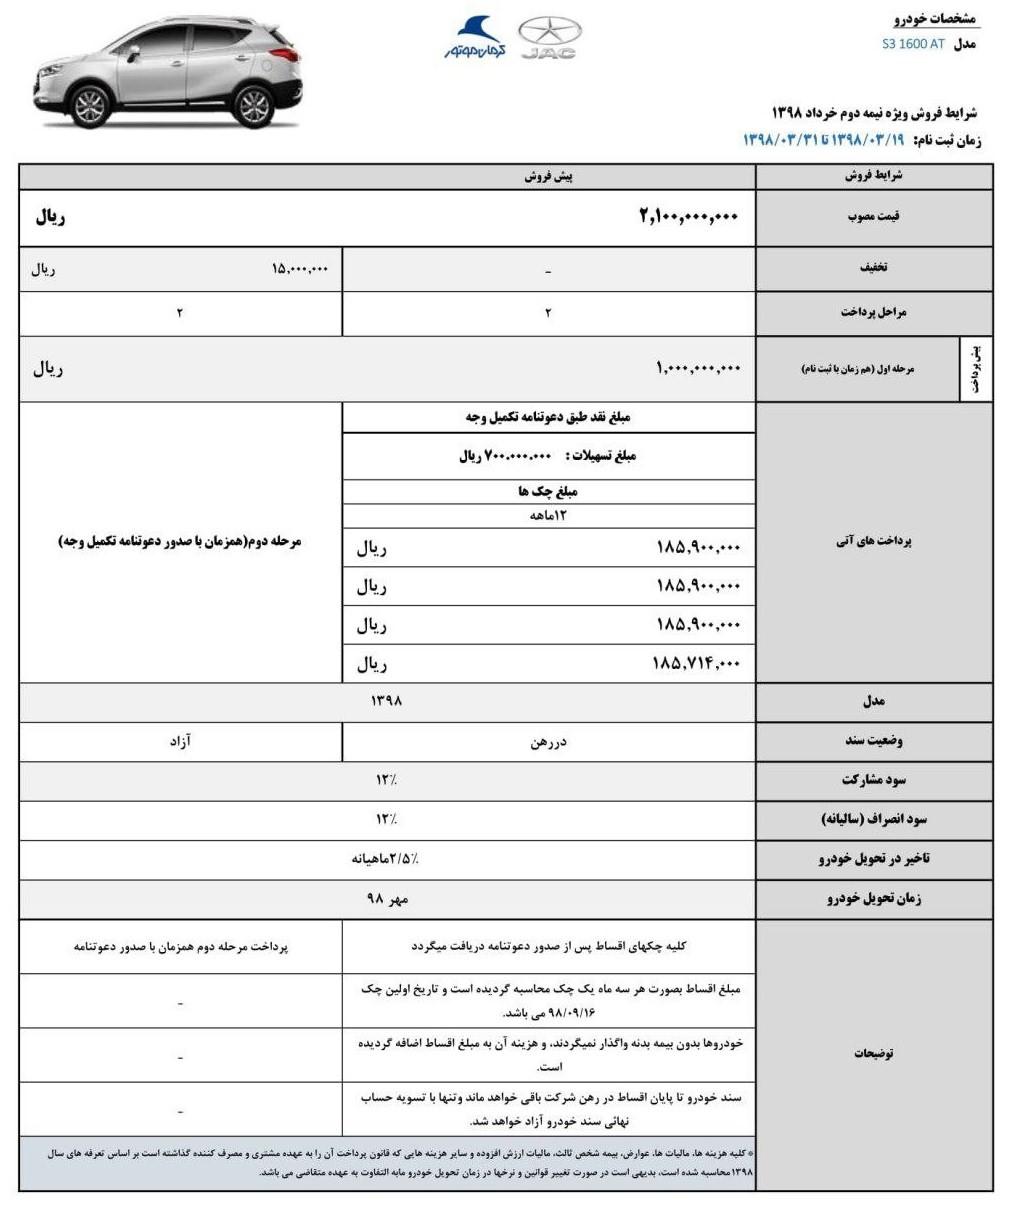 آغاز فروش جک S3 با شرایط اقساطی ویژه خرداد (+جدول و جزئیات)